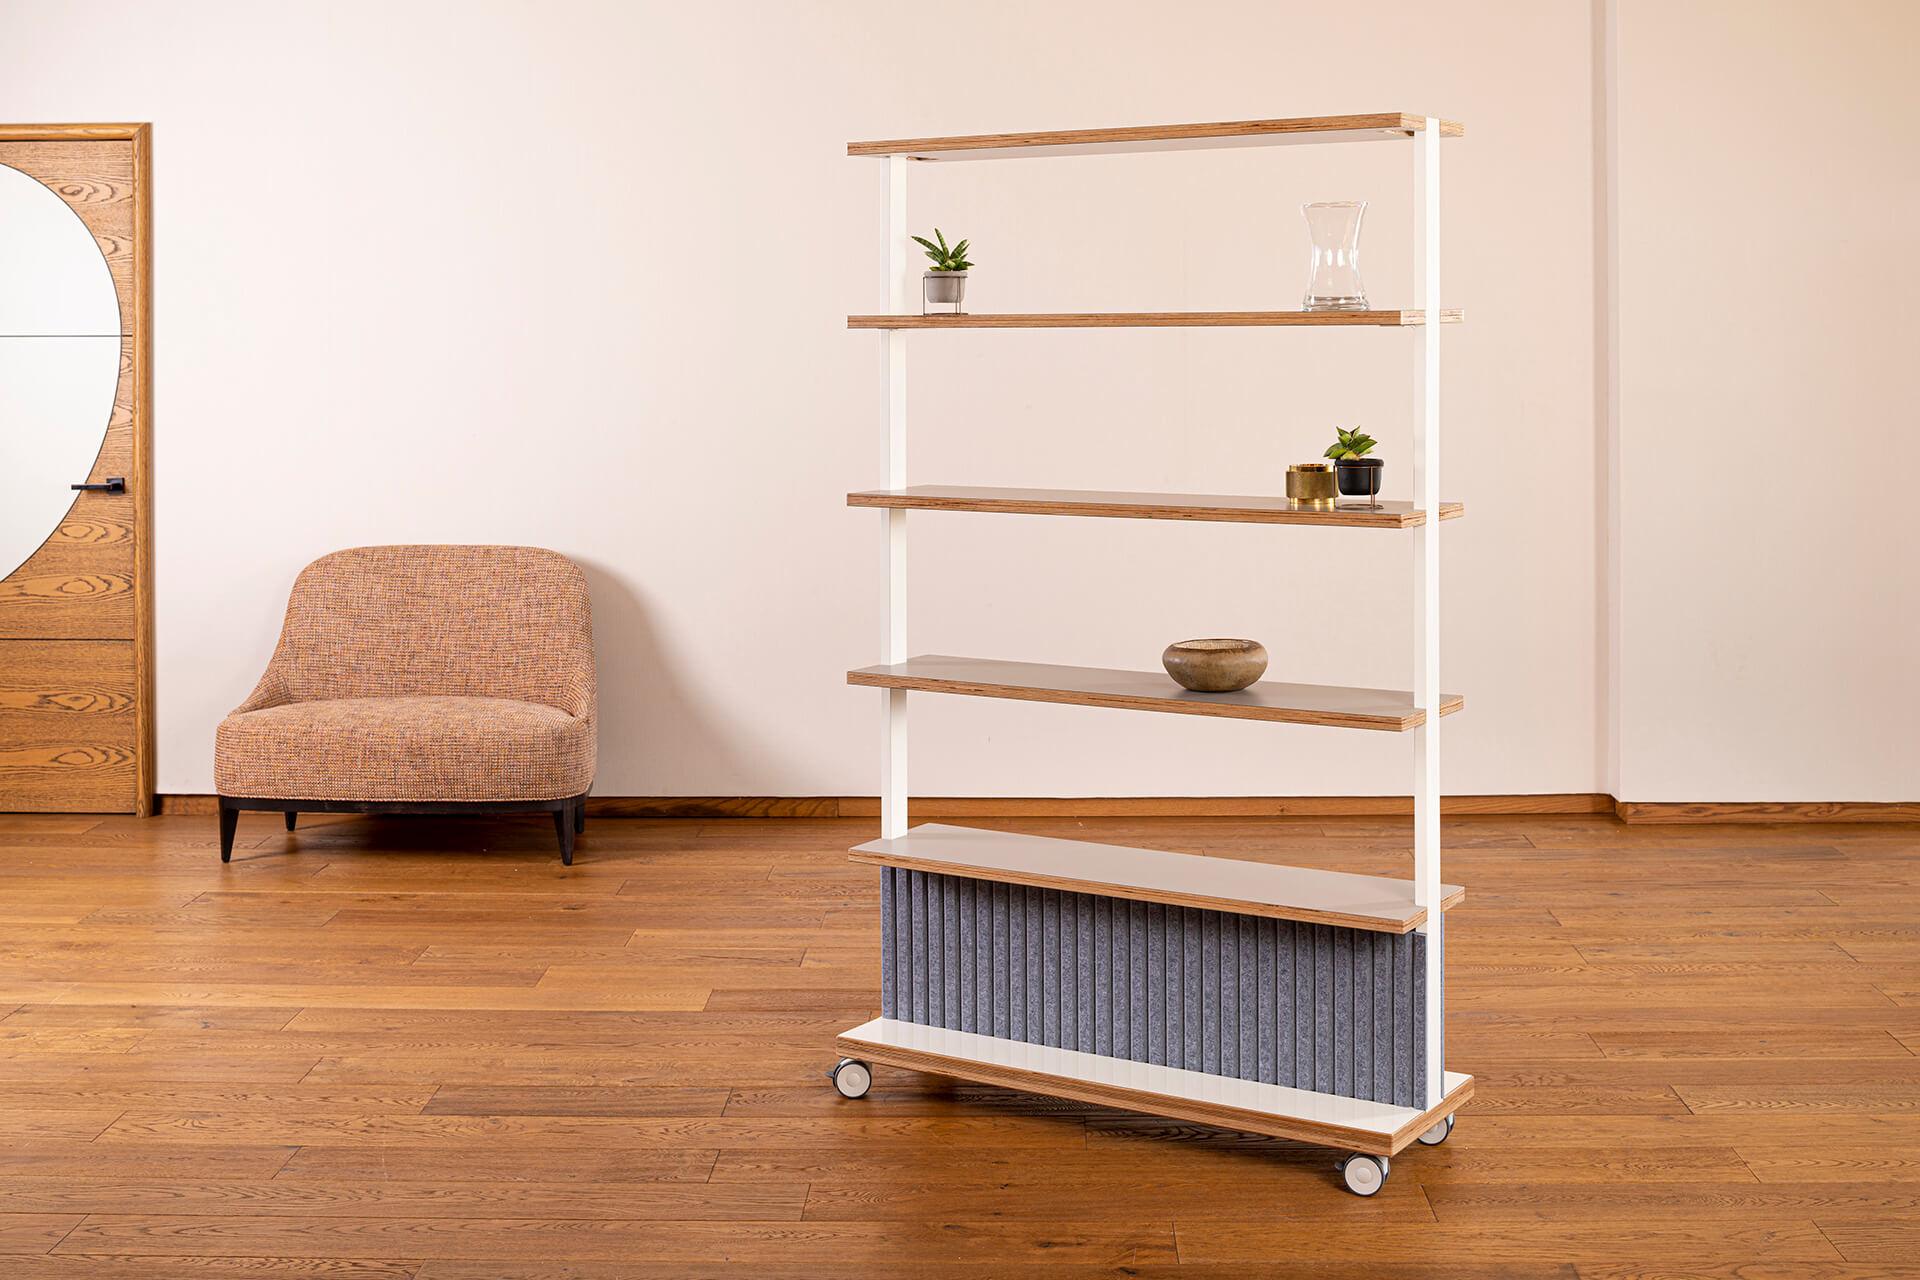 ThinkingWall Acoustic Shelf